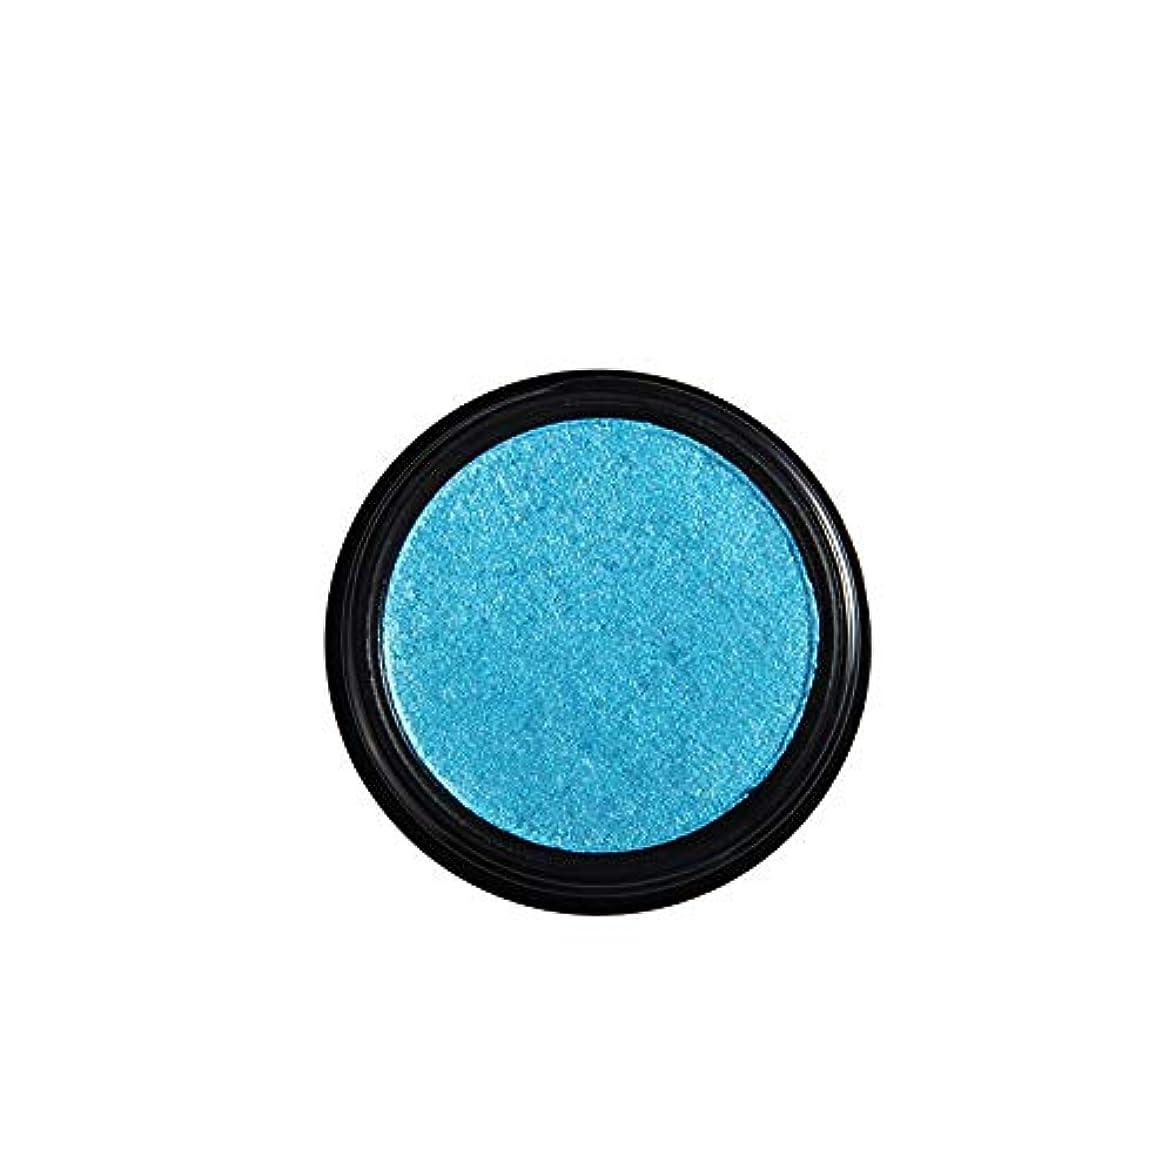 幼児移動柔らかいAkane アイシャドウパレット PHOERA ファッション 高級 美しい ひとつだけ 単なる 魅力的 キラキラ メタリック 綺麗 素敵 持ち便利 日常 Eye Shadow (24色)